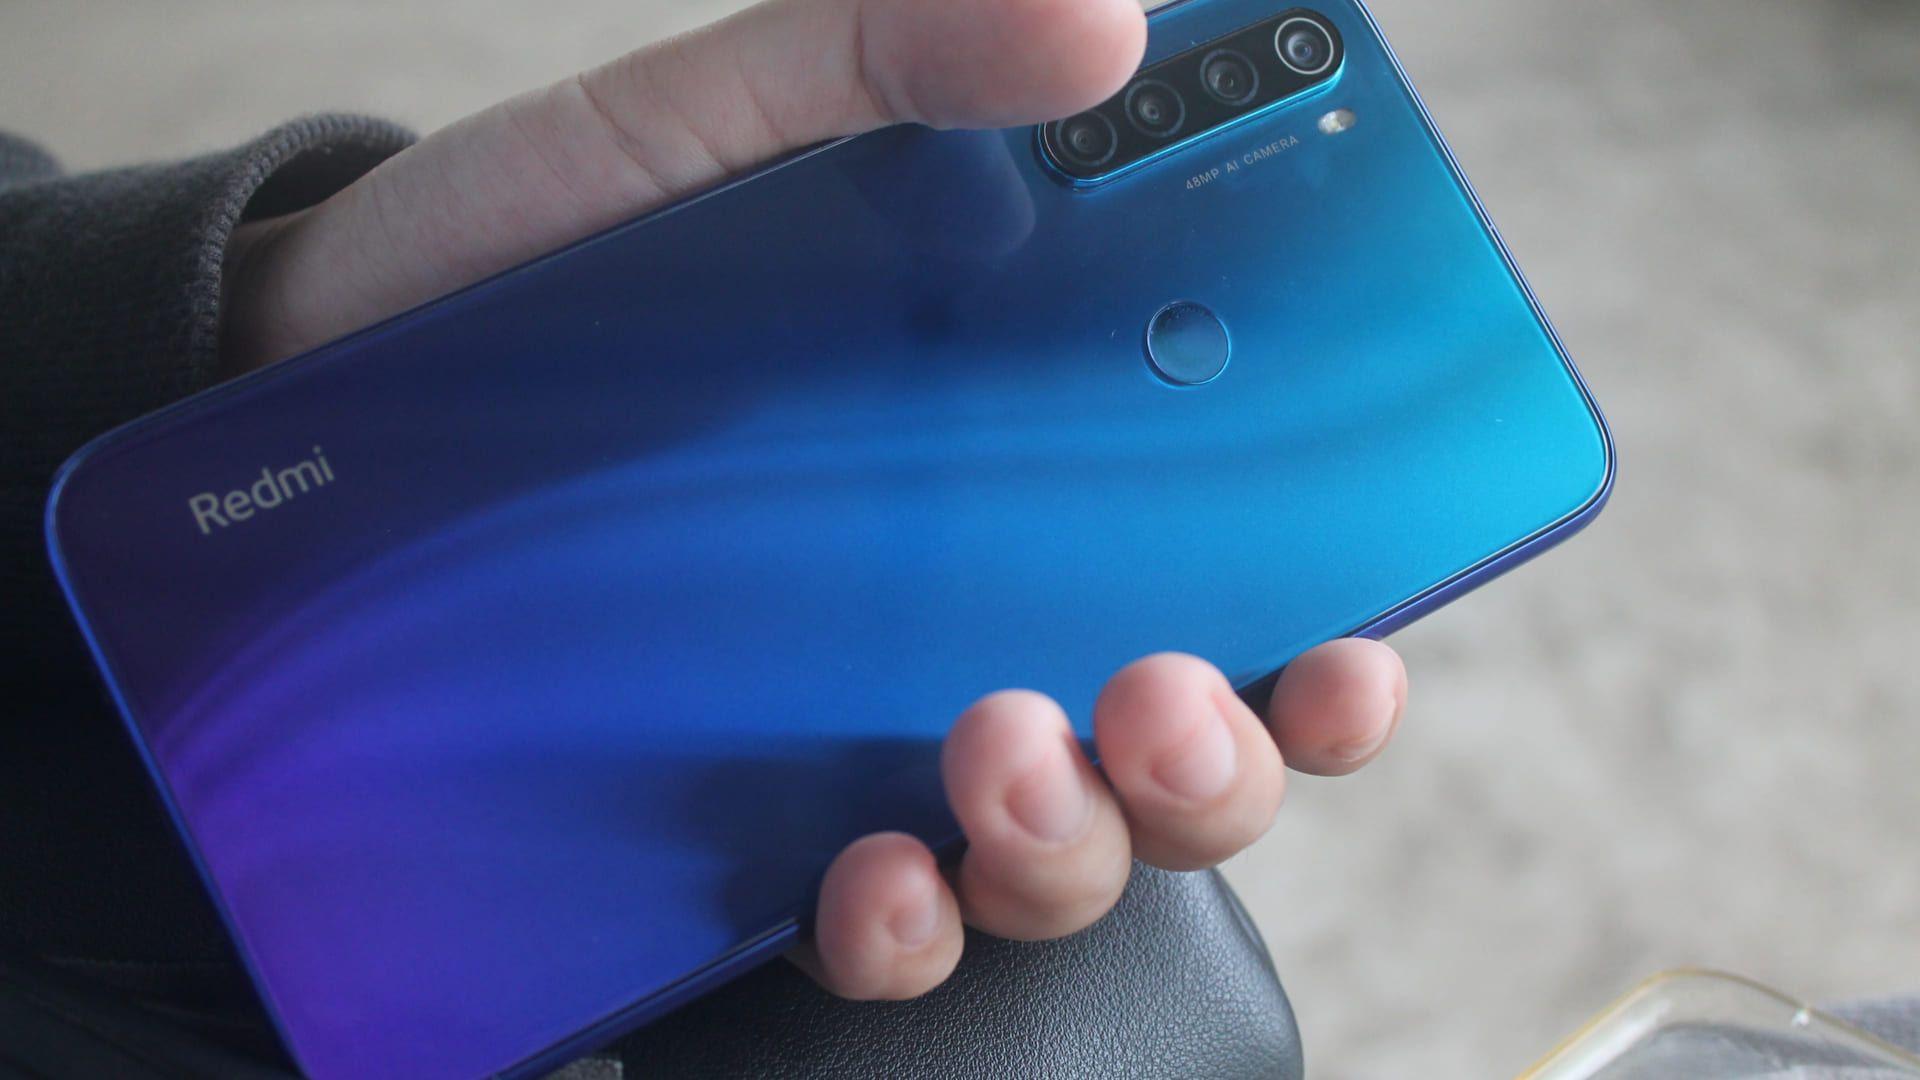 Xiaomi Redmi Note 8 tem design bem elegante. (Foto: Reprodução/Shutterstock)